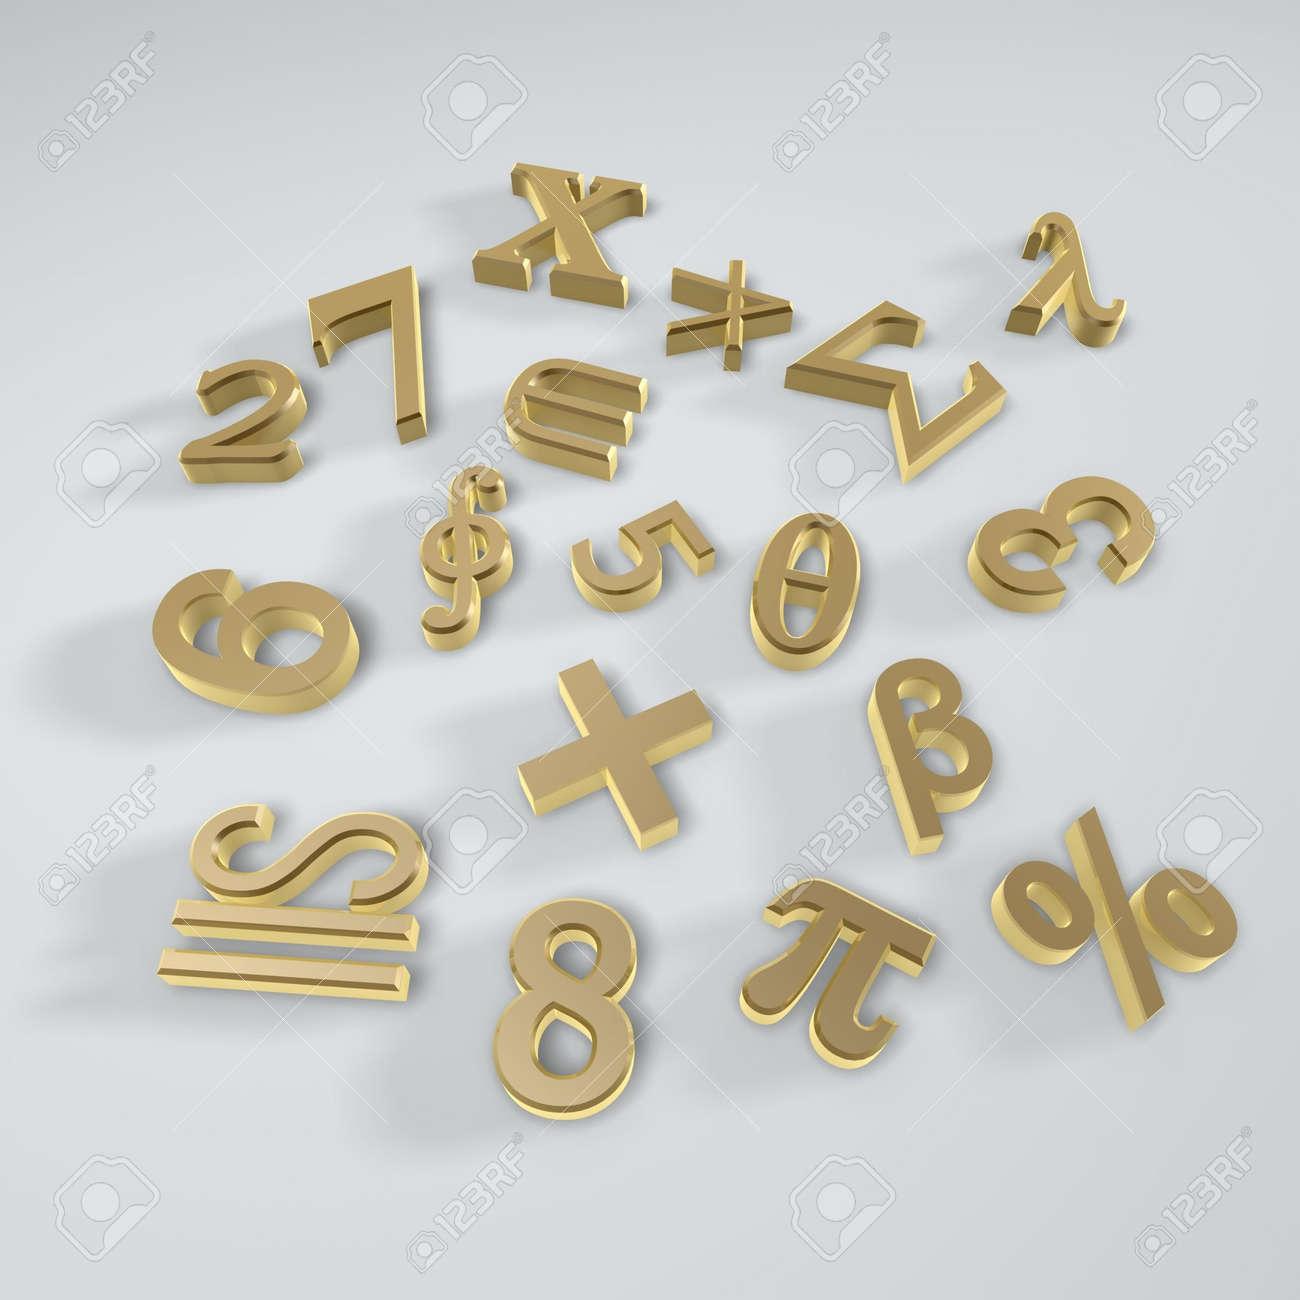 Math Operator Symbols Isolated On White Background Stock Photo